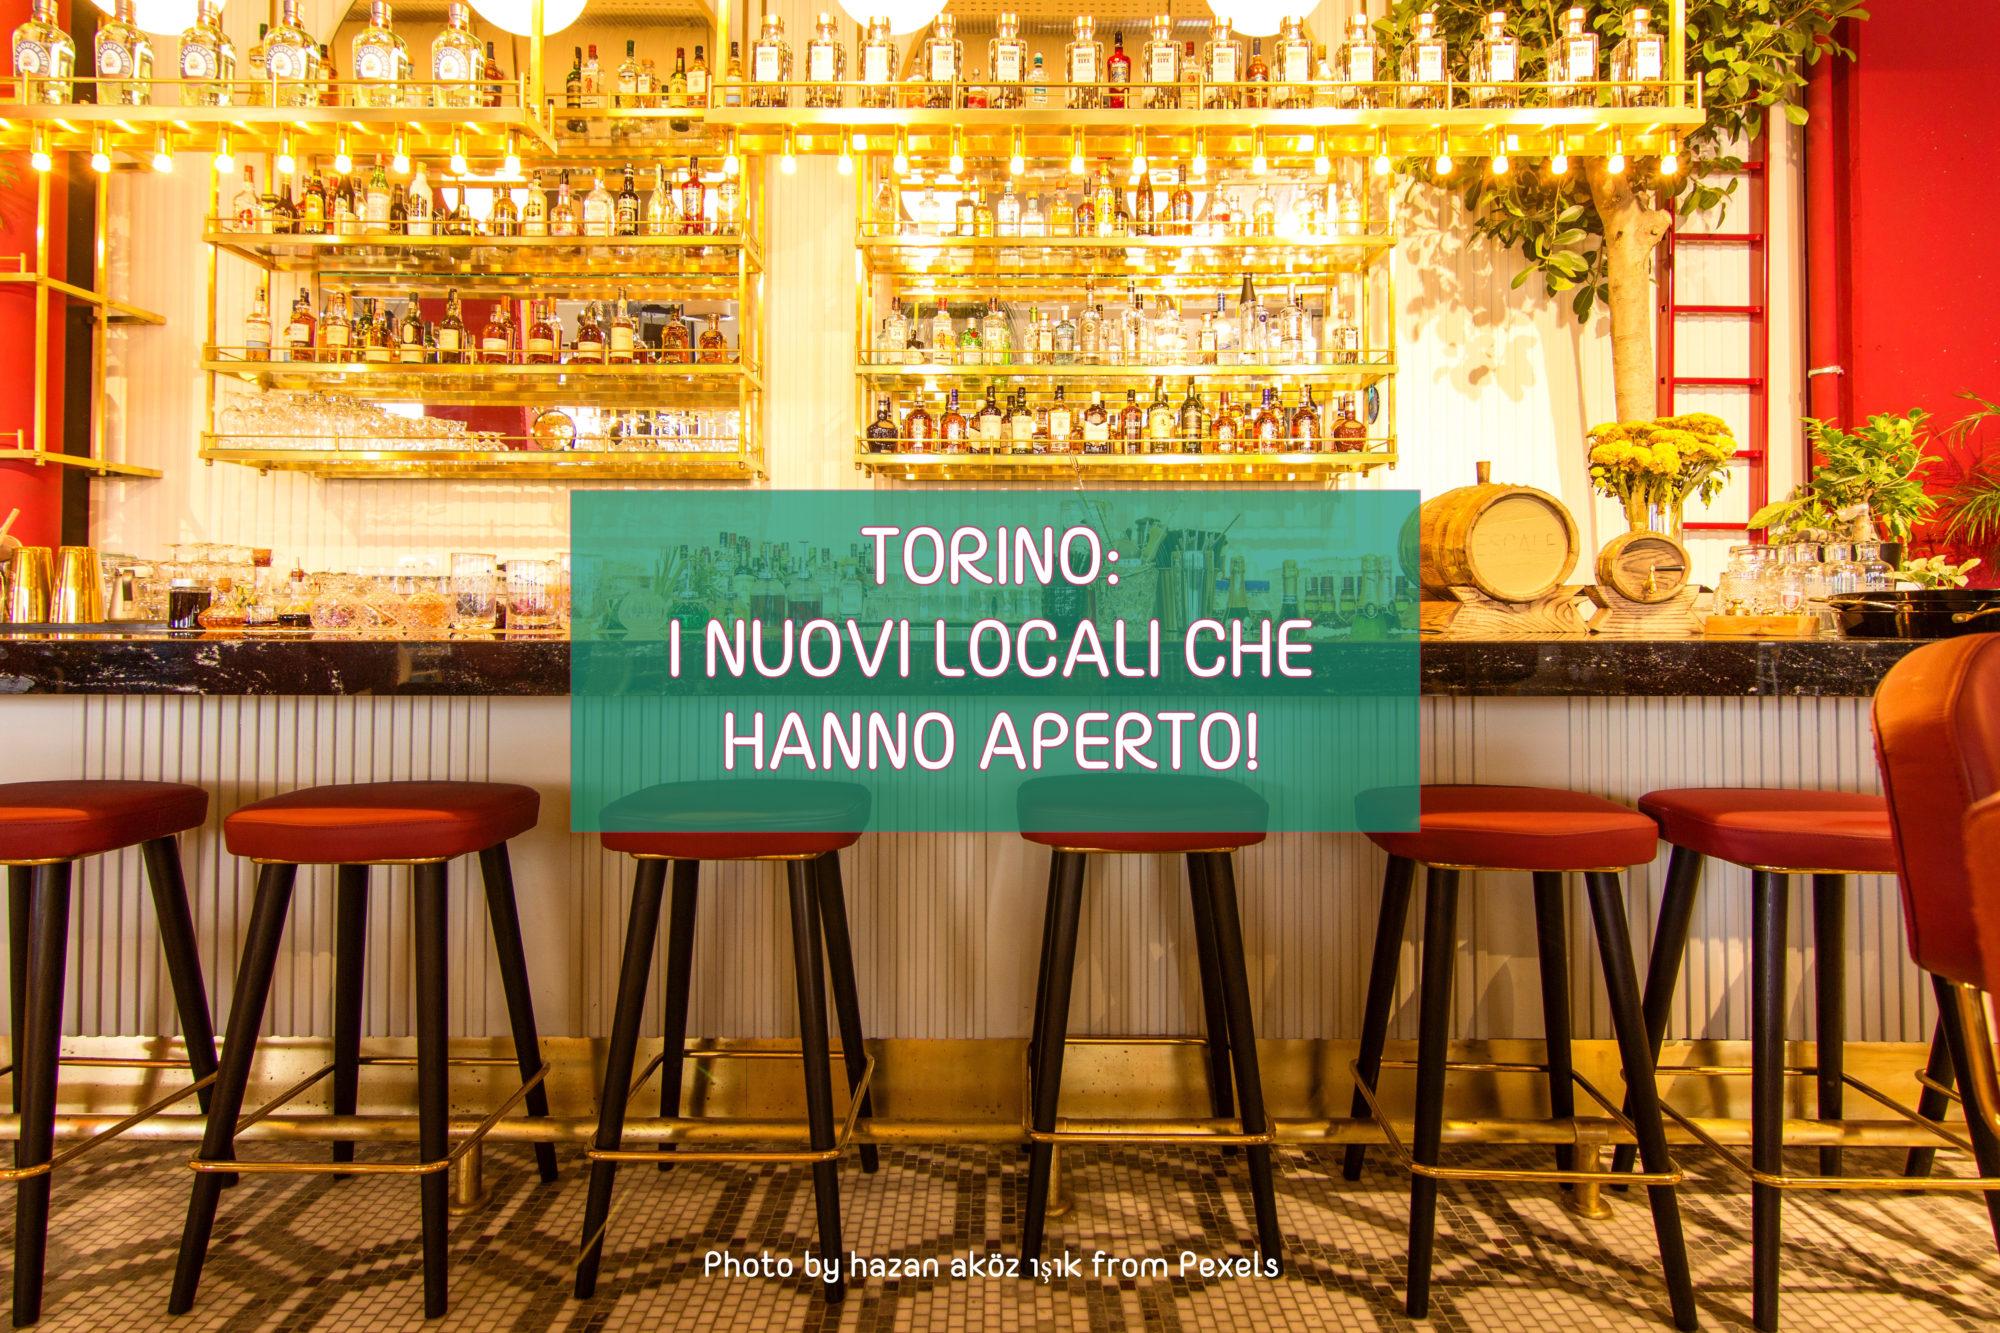 Torino: le nuove aperture!